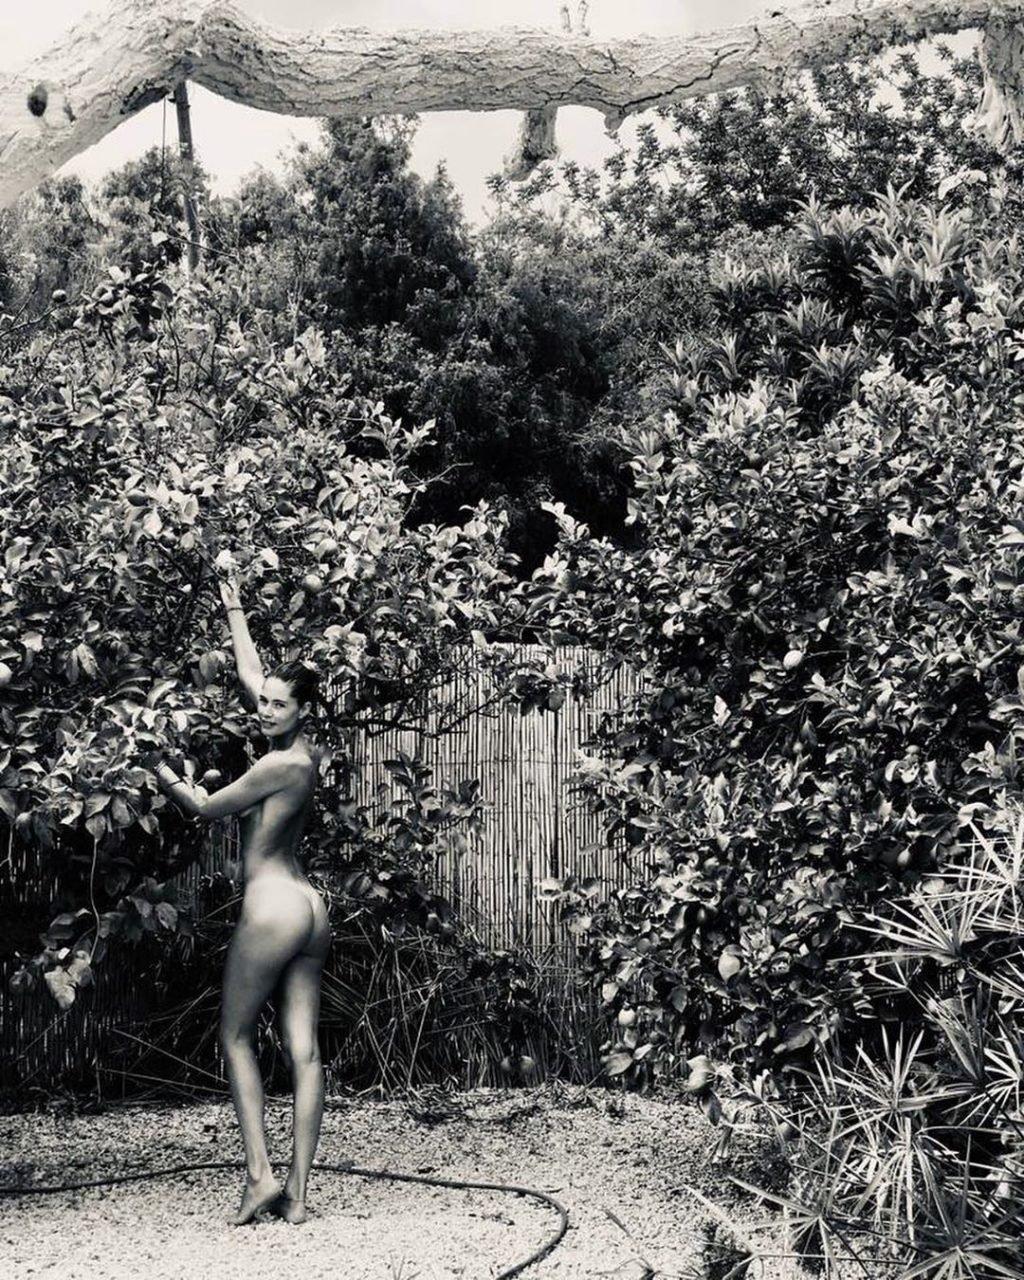 Doutzen Kroes Nude (2 Photos)